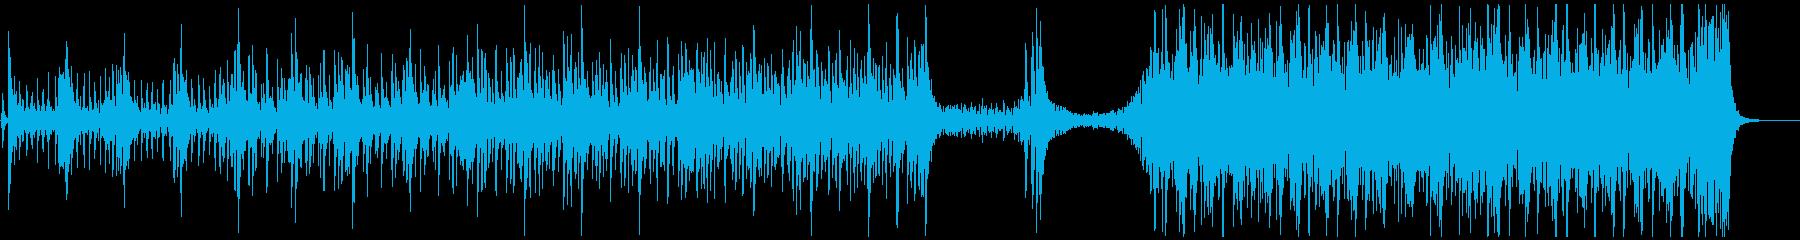 勇壮な和太鼓のアンサンブルの再生済みの波形